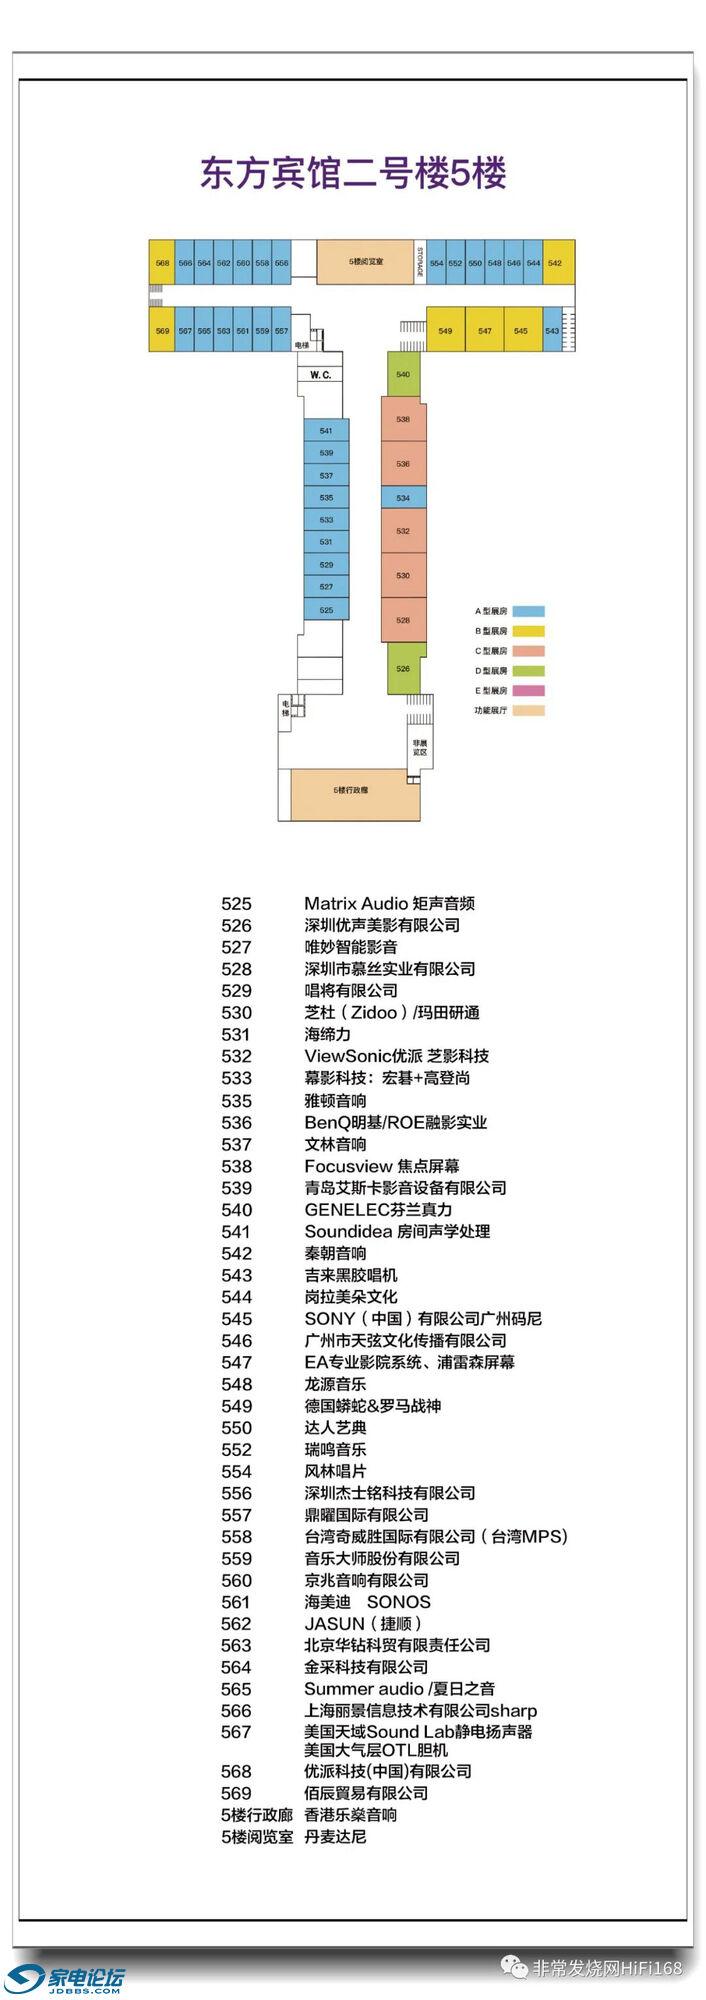 2021年广州国际音响唱片展_005_副本.jpg